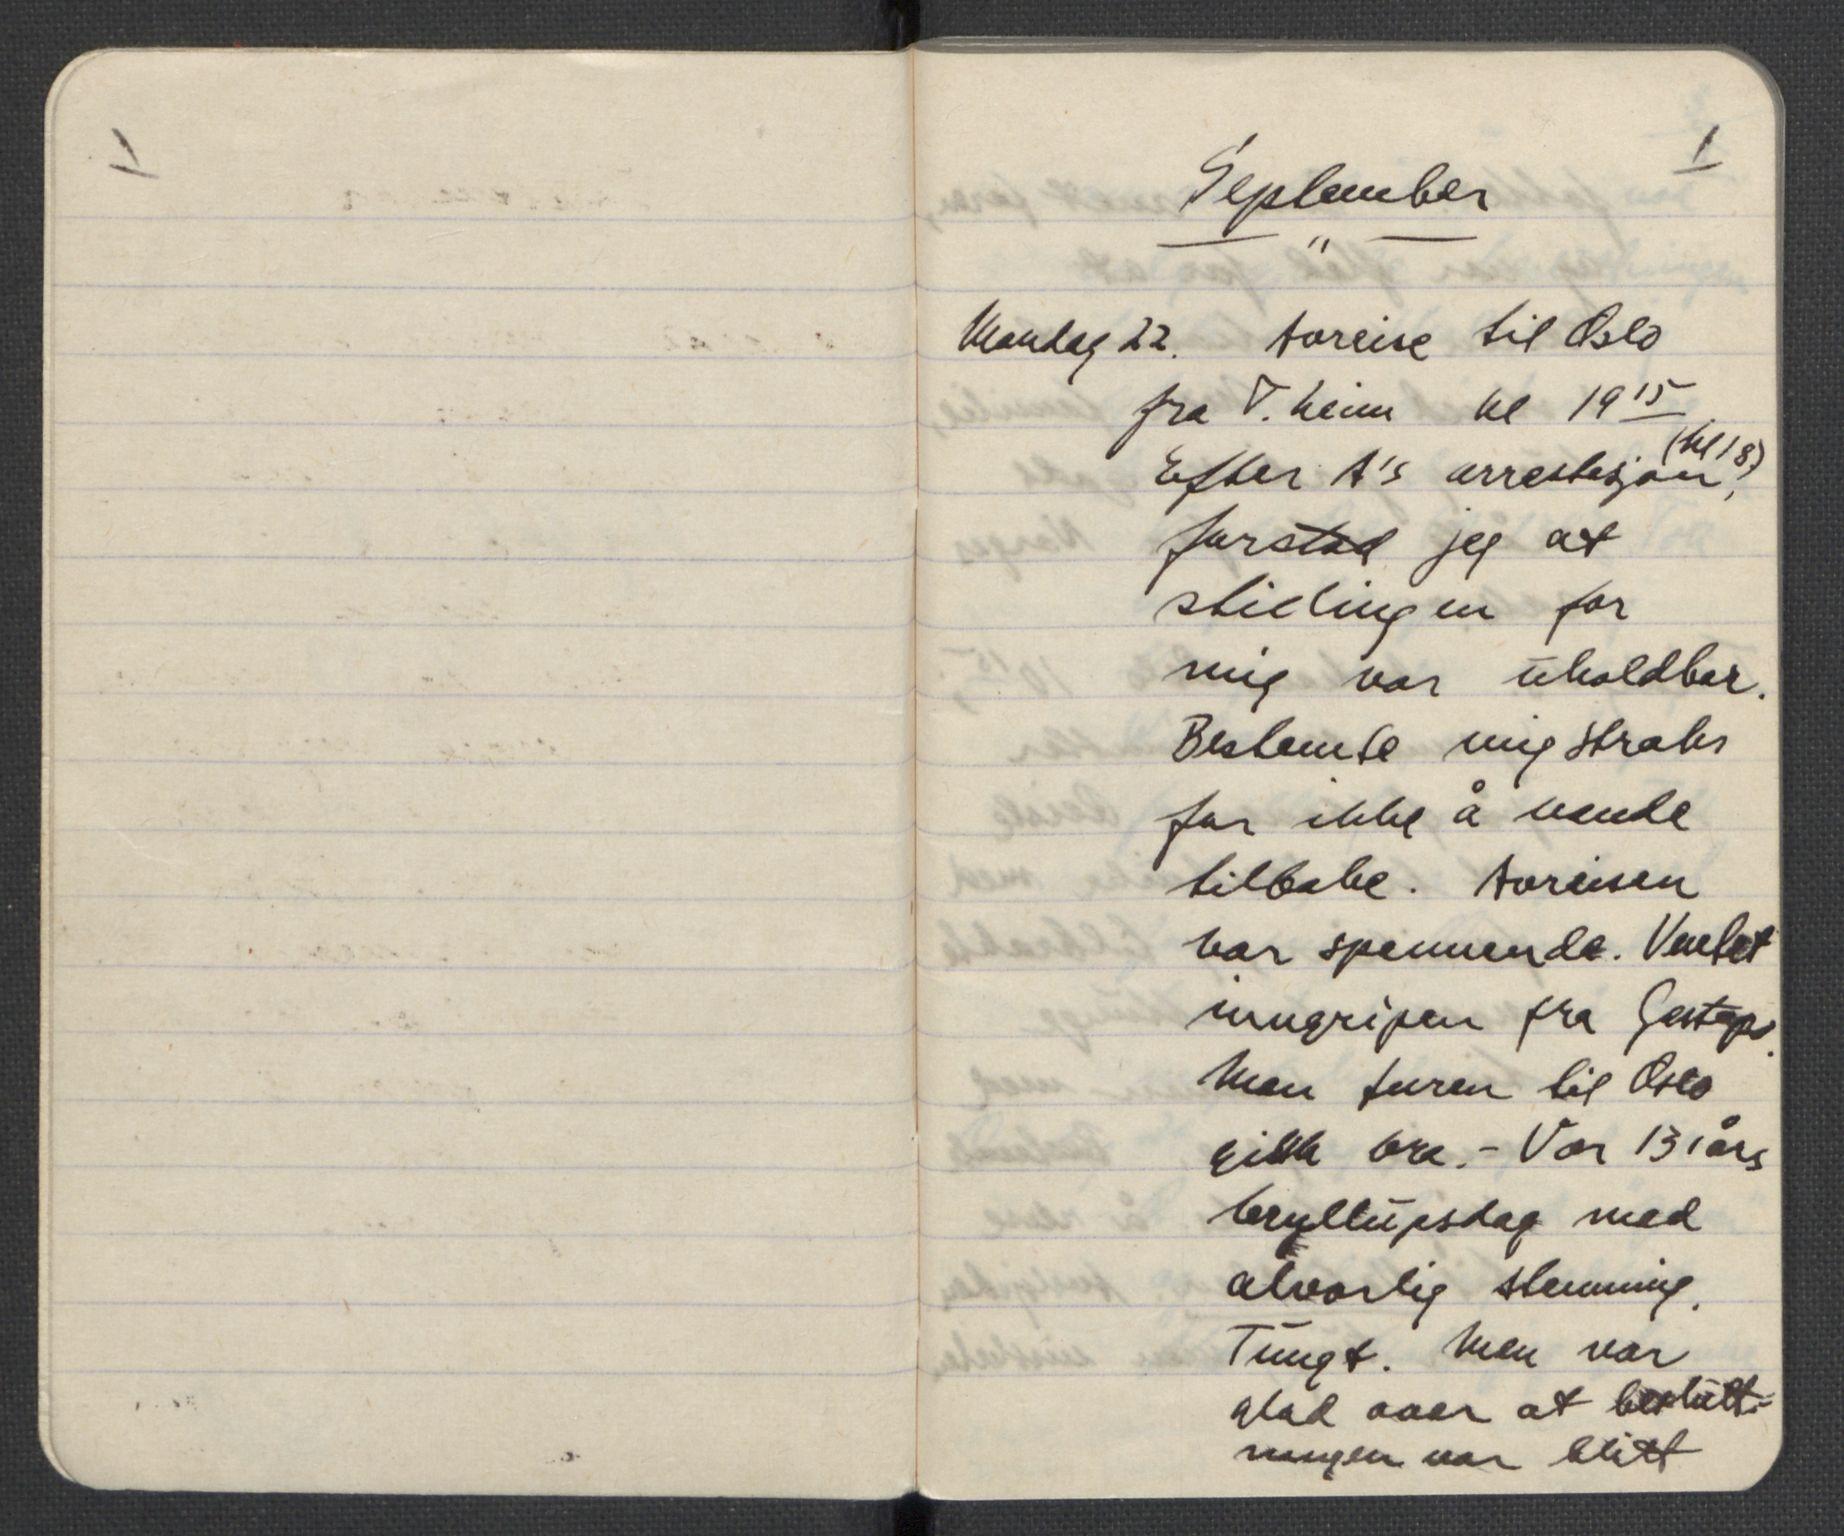 RA, Tronstad, Leif, F/L0001: Dagbøker, 1941-1945, s. 4